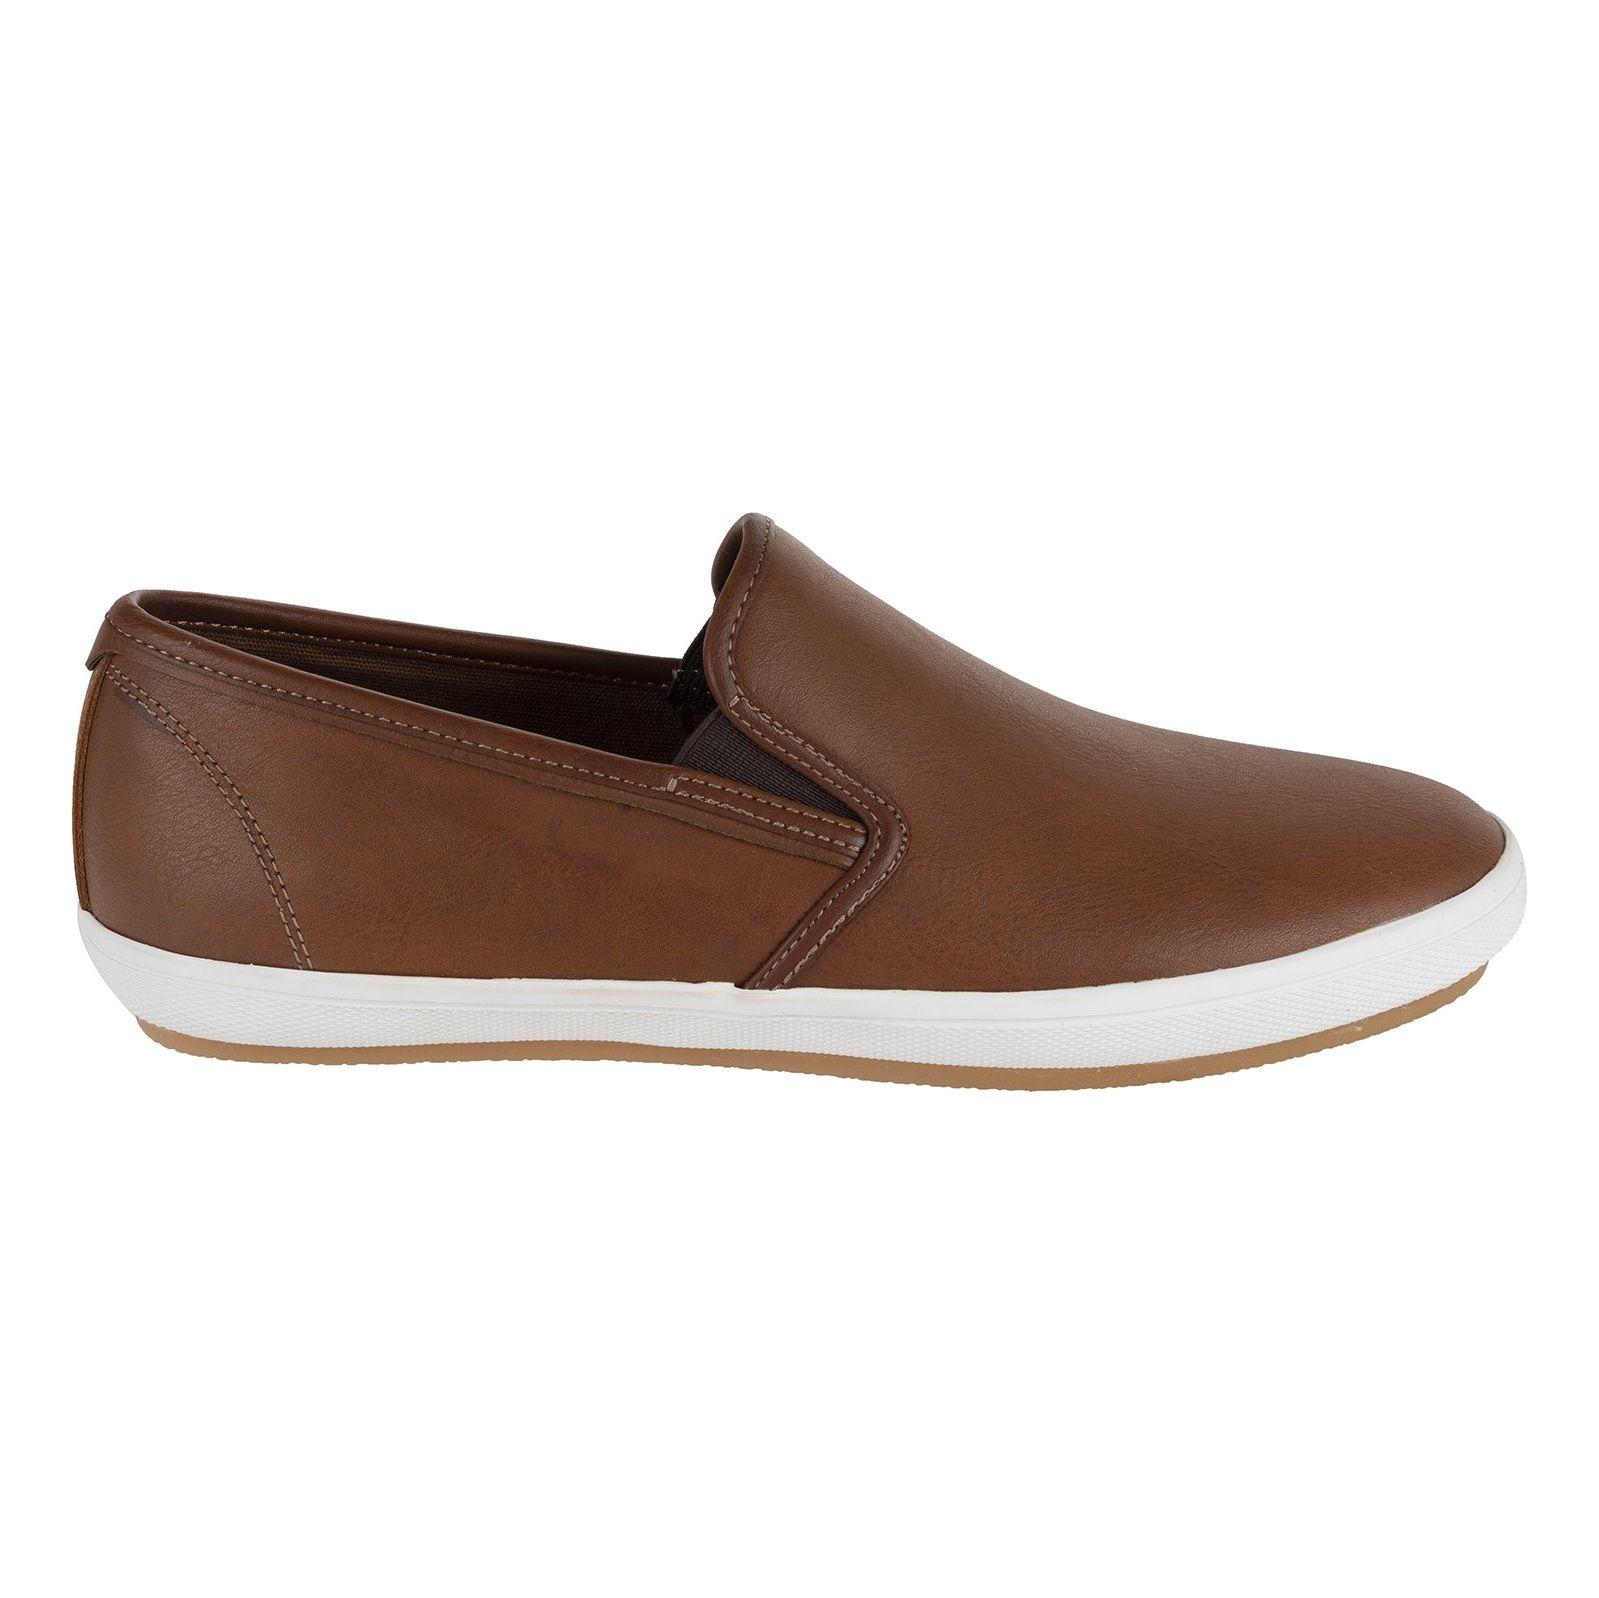 کفش راحتی مردانه - آلدو - قهوه اي - 1